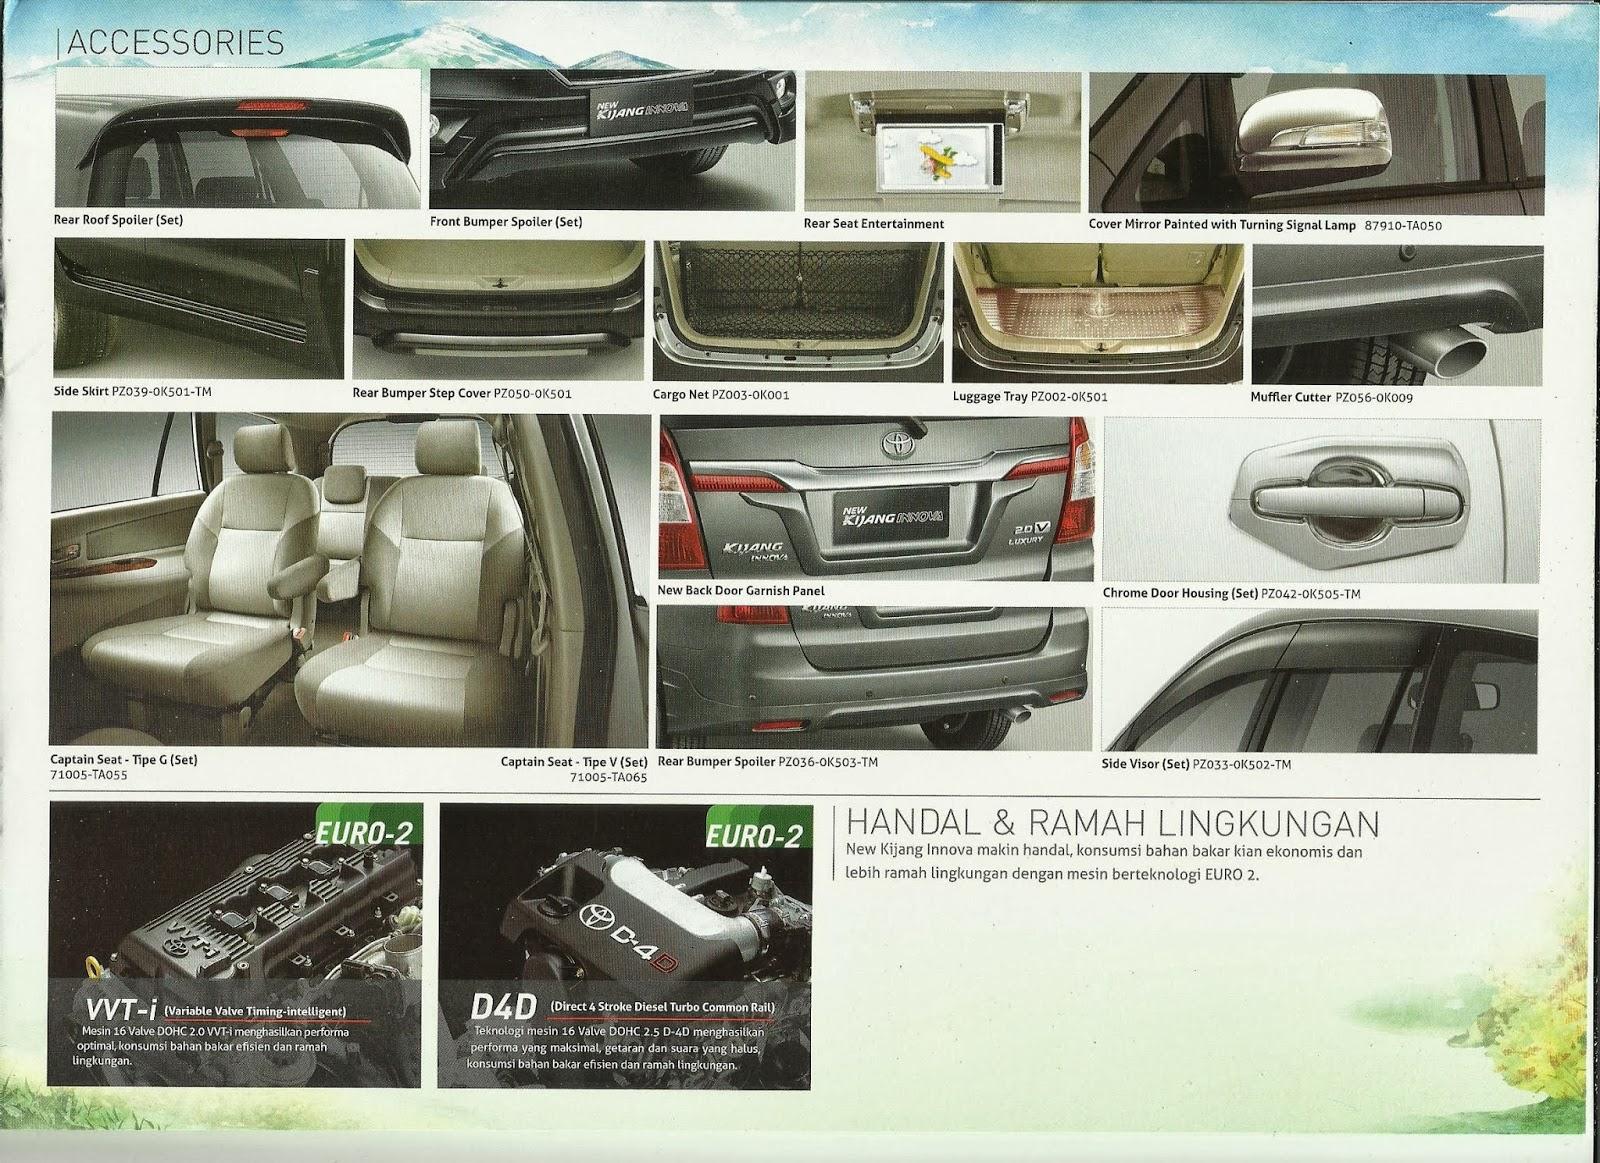 Spesifikasi New Innova Venturer All Kijang Review Auto2000 Karawang Brosur Dan